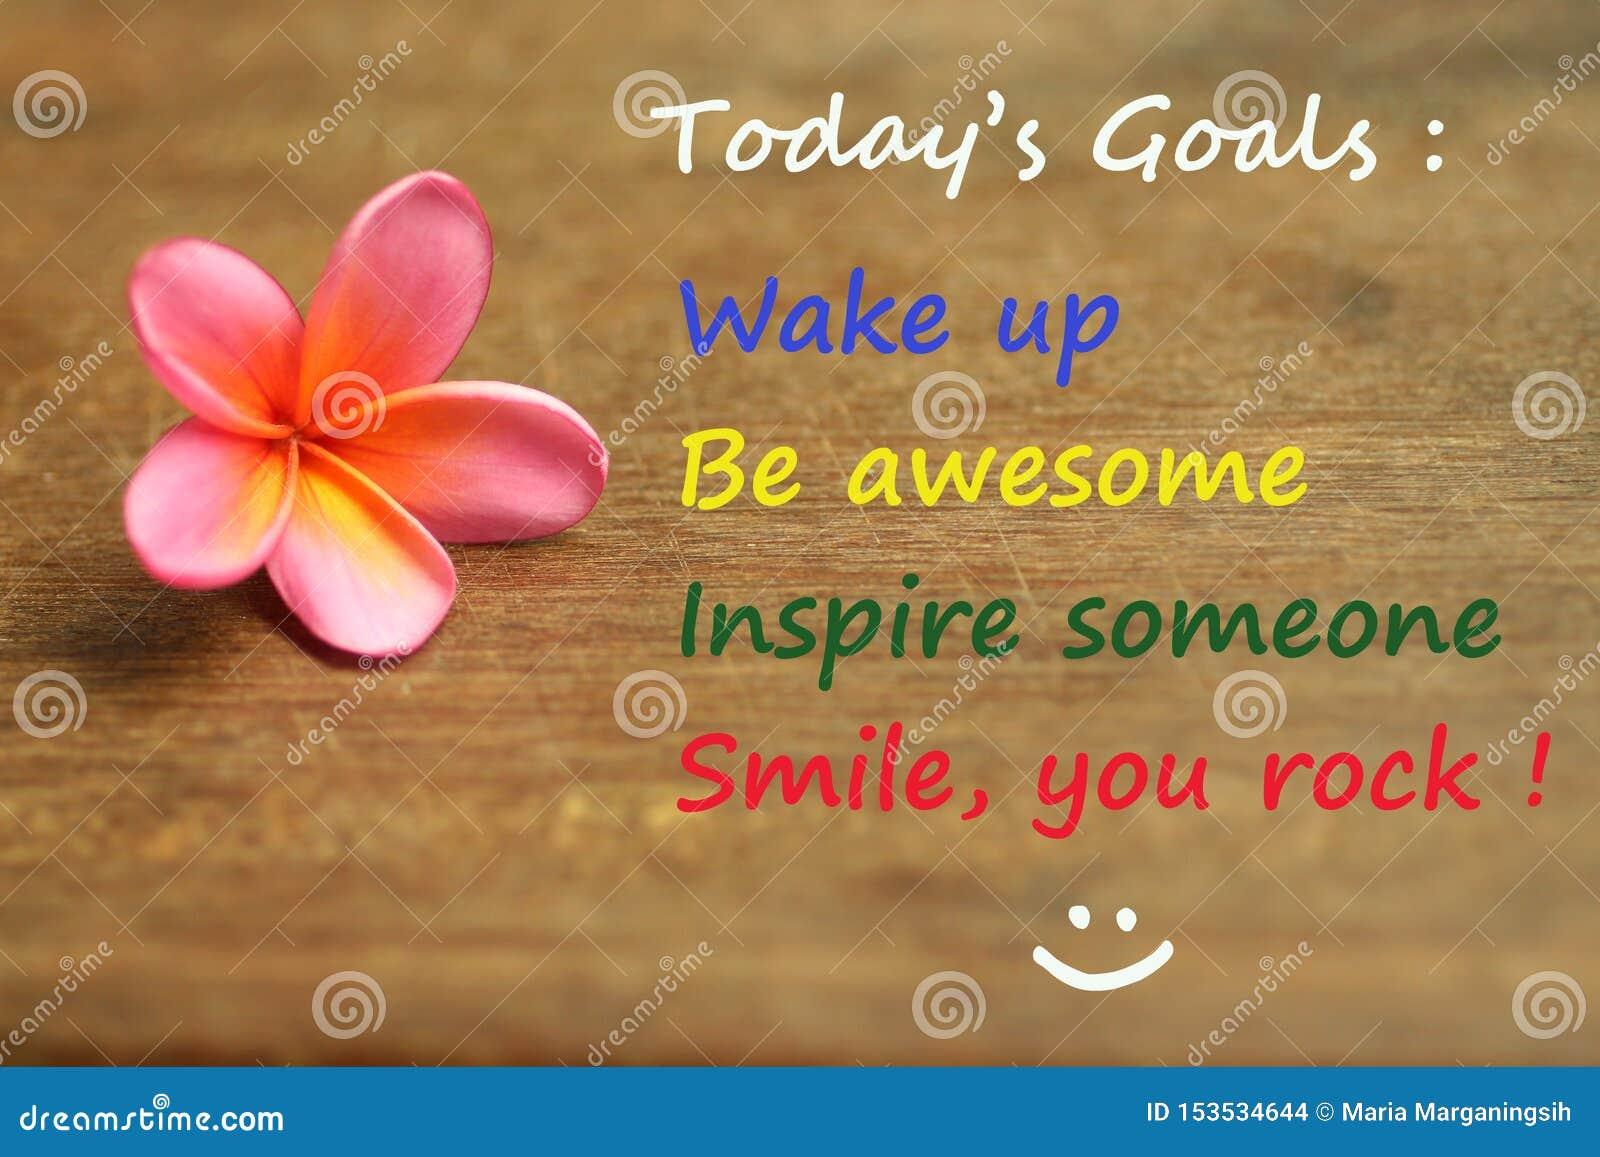 Citation de motivation inspirée - aujourd hui buts ; réveillez-vous, soyez impressionnant, inspirez quelqu un, sourire, vous basc